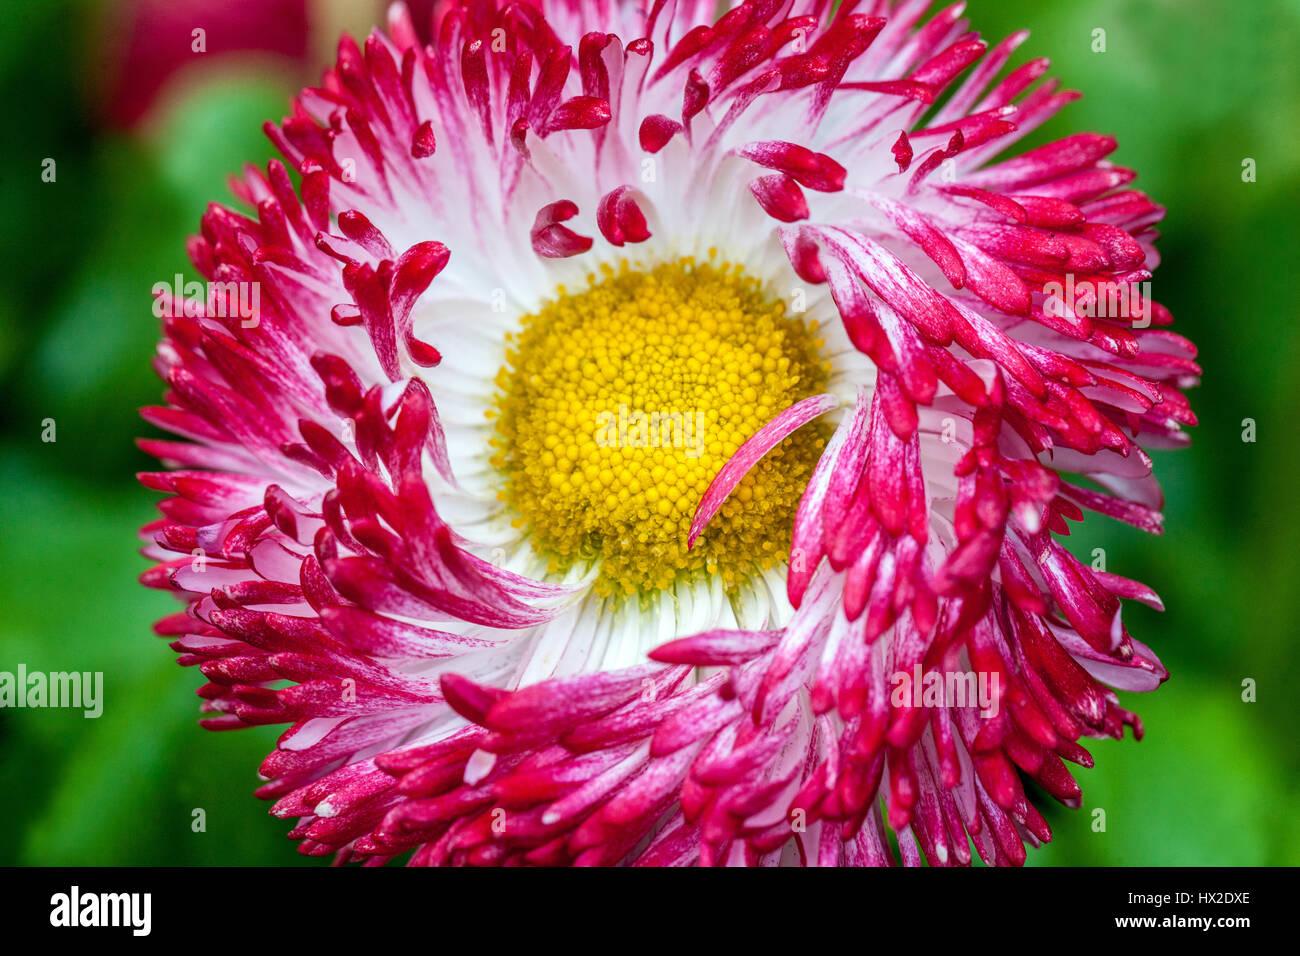 bellis red spring flowers stockfotos bellis red spring flowers bilder alamy. Black Bedroom Furniture Sets. Home Design Ideas